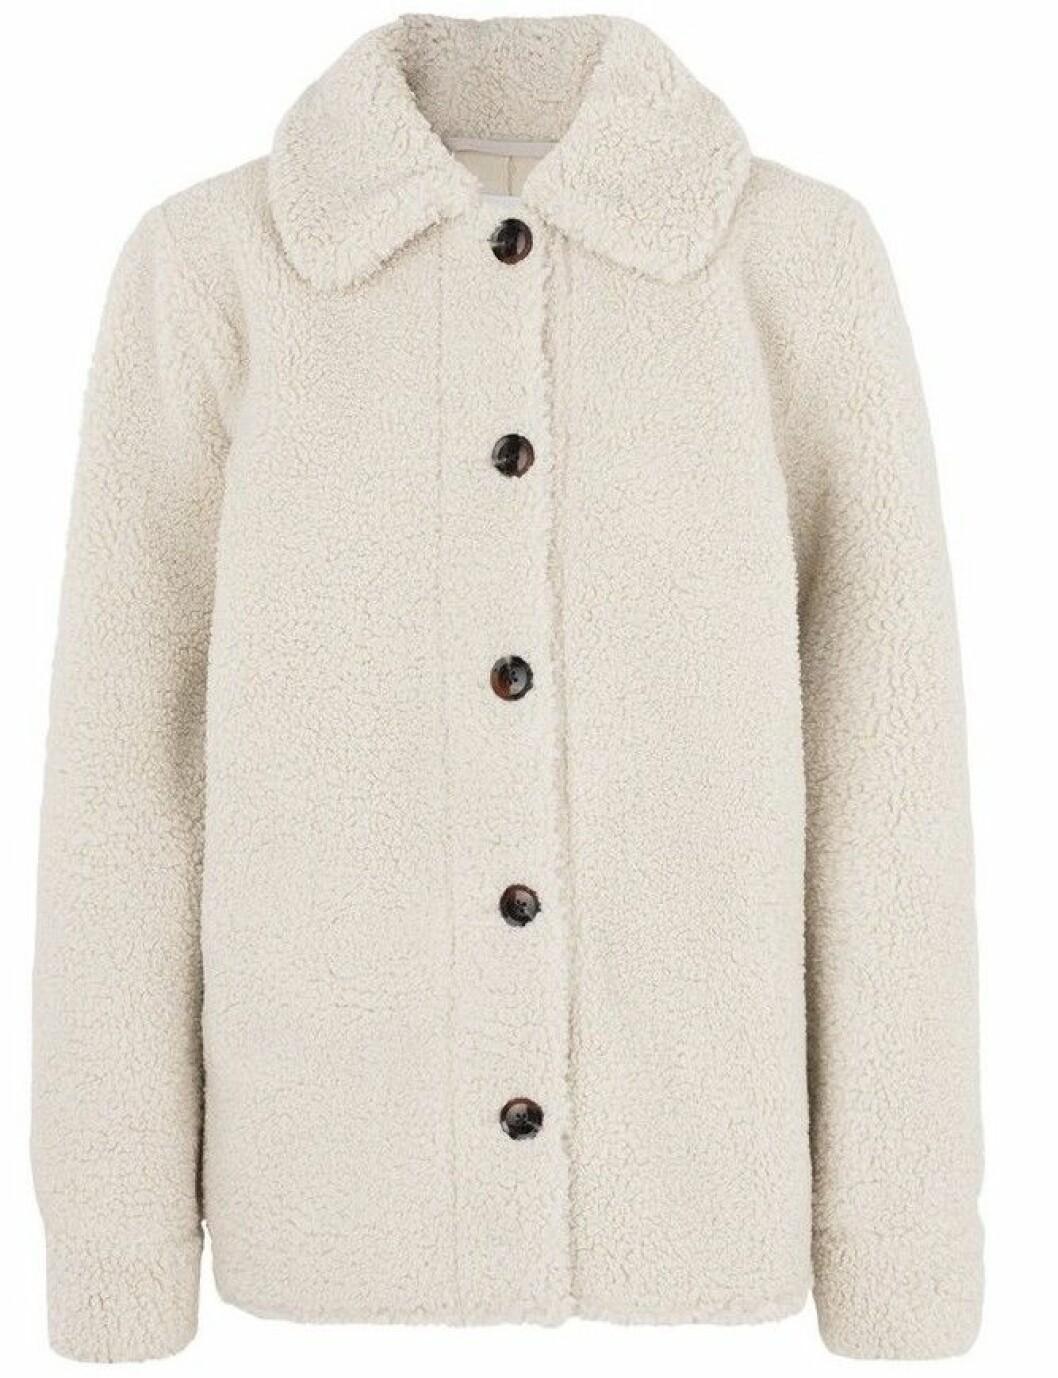 Vit skjortjacka från Samsøe Samsøe i fluffigt material